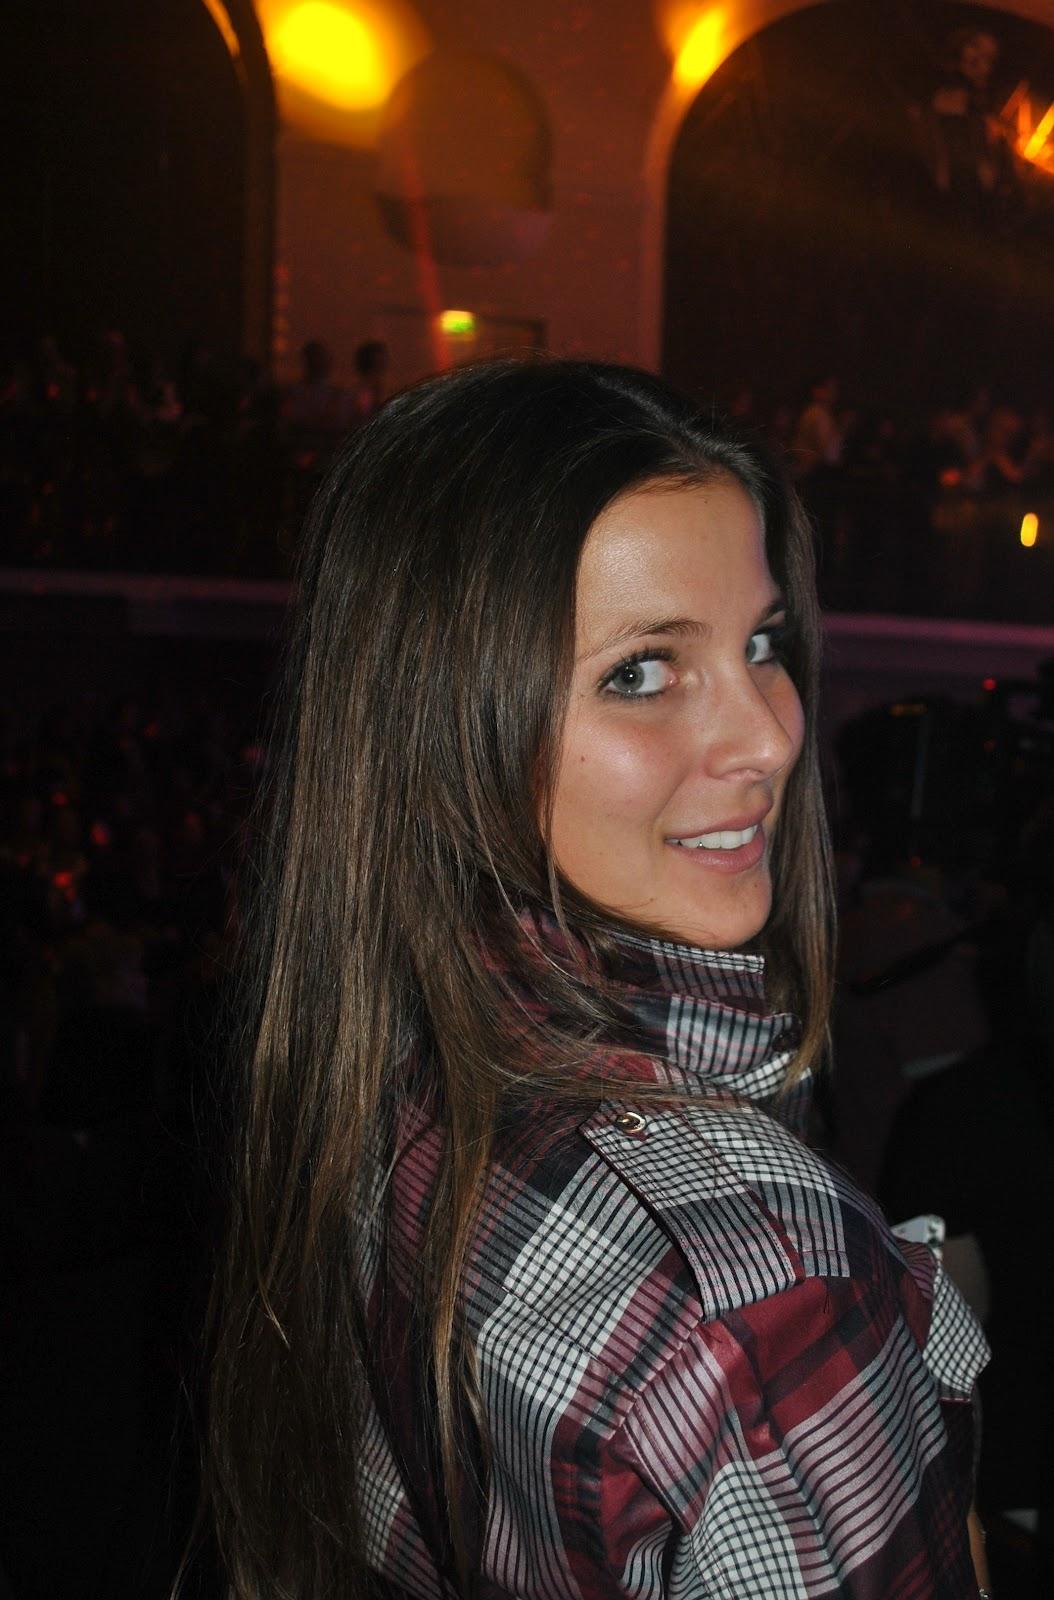 http://2.bp.blogspot.com/-9BiE1WjJQNU/UHGPpvn6bnI/AAAAAAAABks/gcoWxoy8vXE/s1600/JPG+reporter.jpg